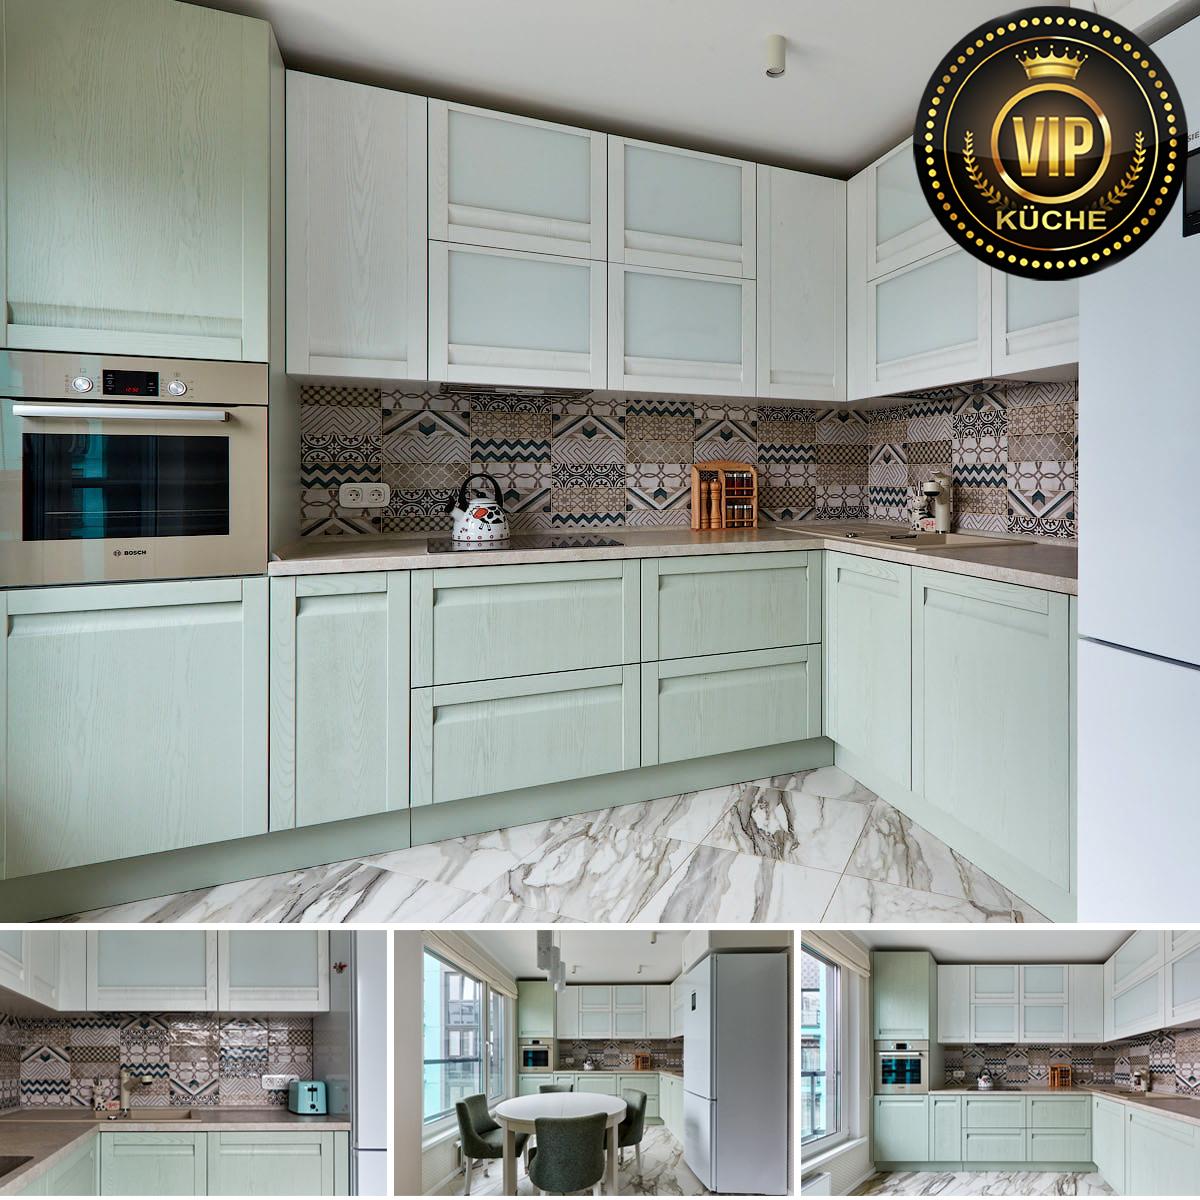 winkelküche küche mintgrün echtholzküche moderne einbauküche